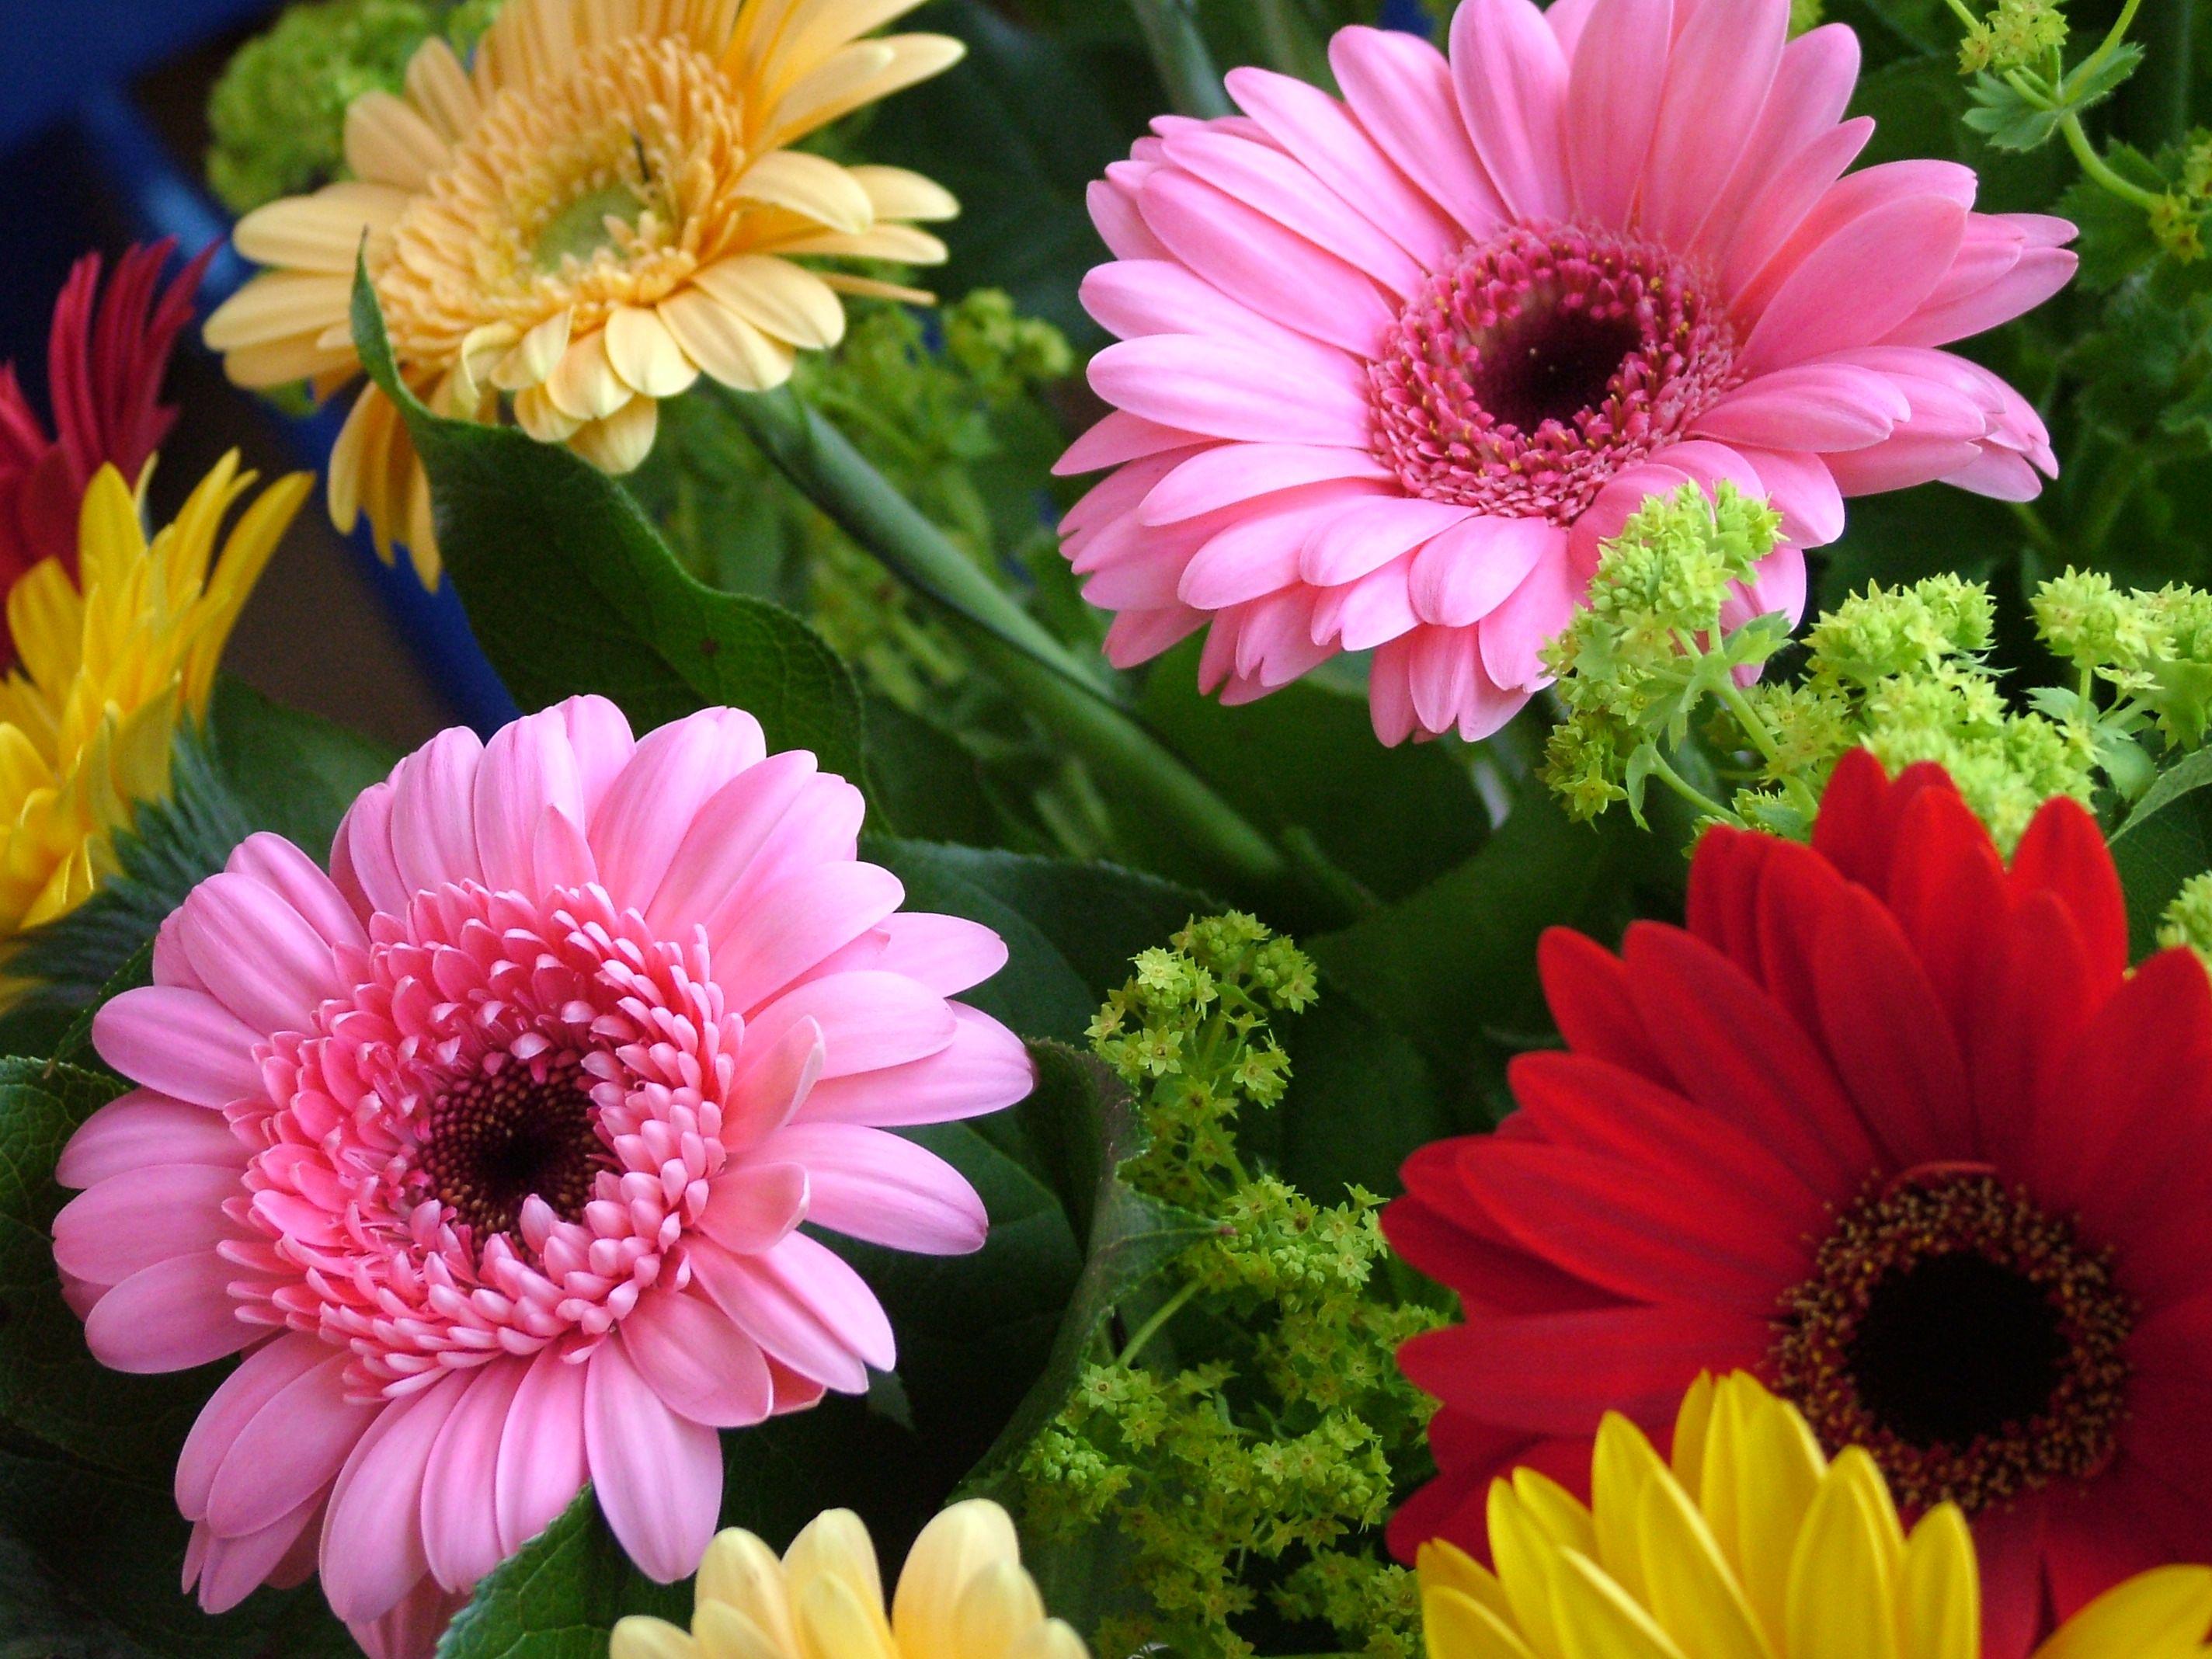 11 Flowers That Start With G Gerbera Daisy Seeds Bonsai Flower Flower Seeds